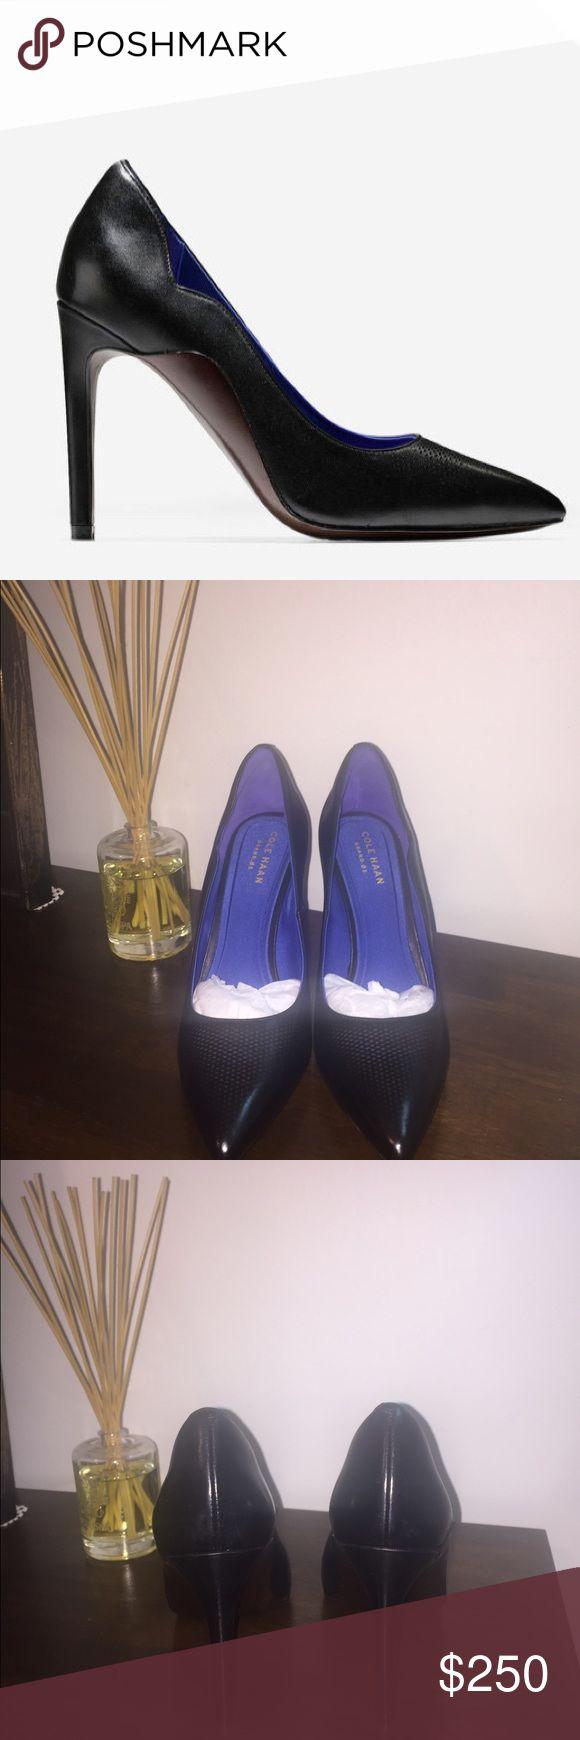 🎉FLASH SALE🎉 Cole Haan Antoinette Grand Pump Brand new Cole Haan black pumps! Never been worn. It's a 4 inch heel, leather shoe. Cole Haan Shoes Heels